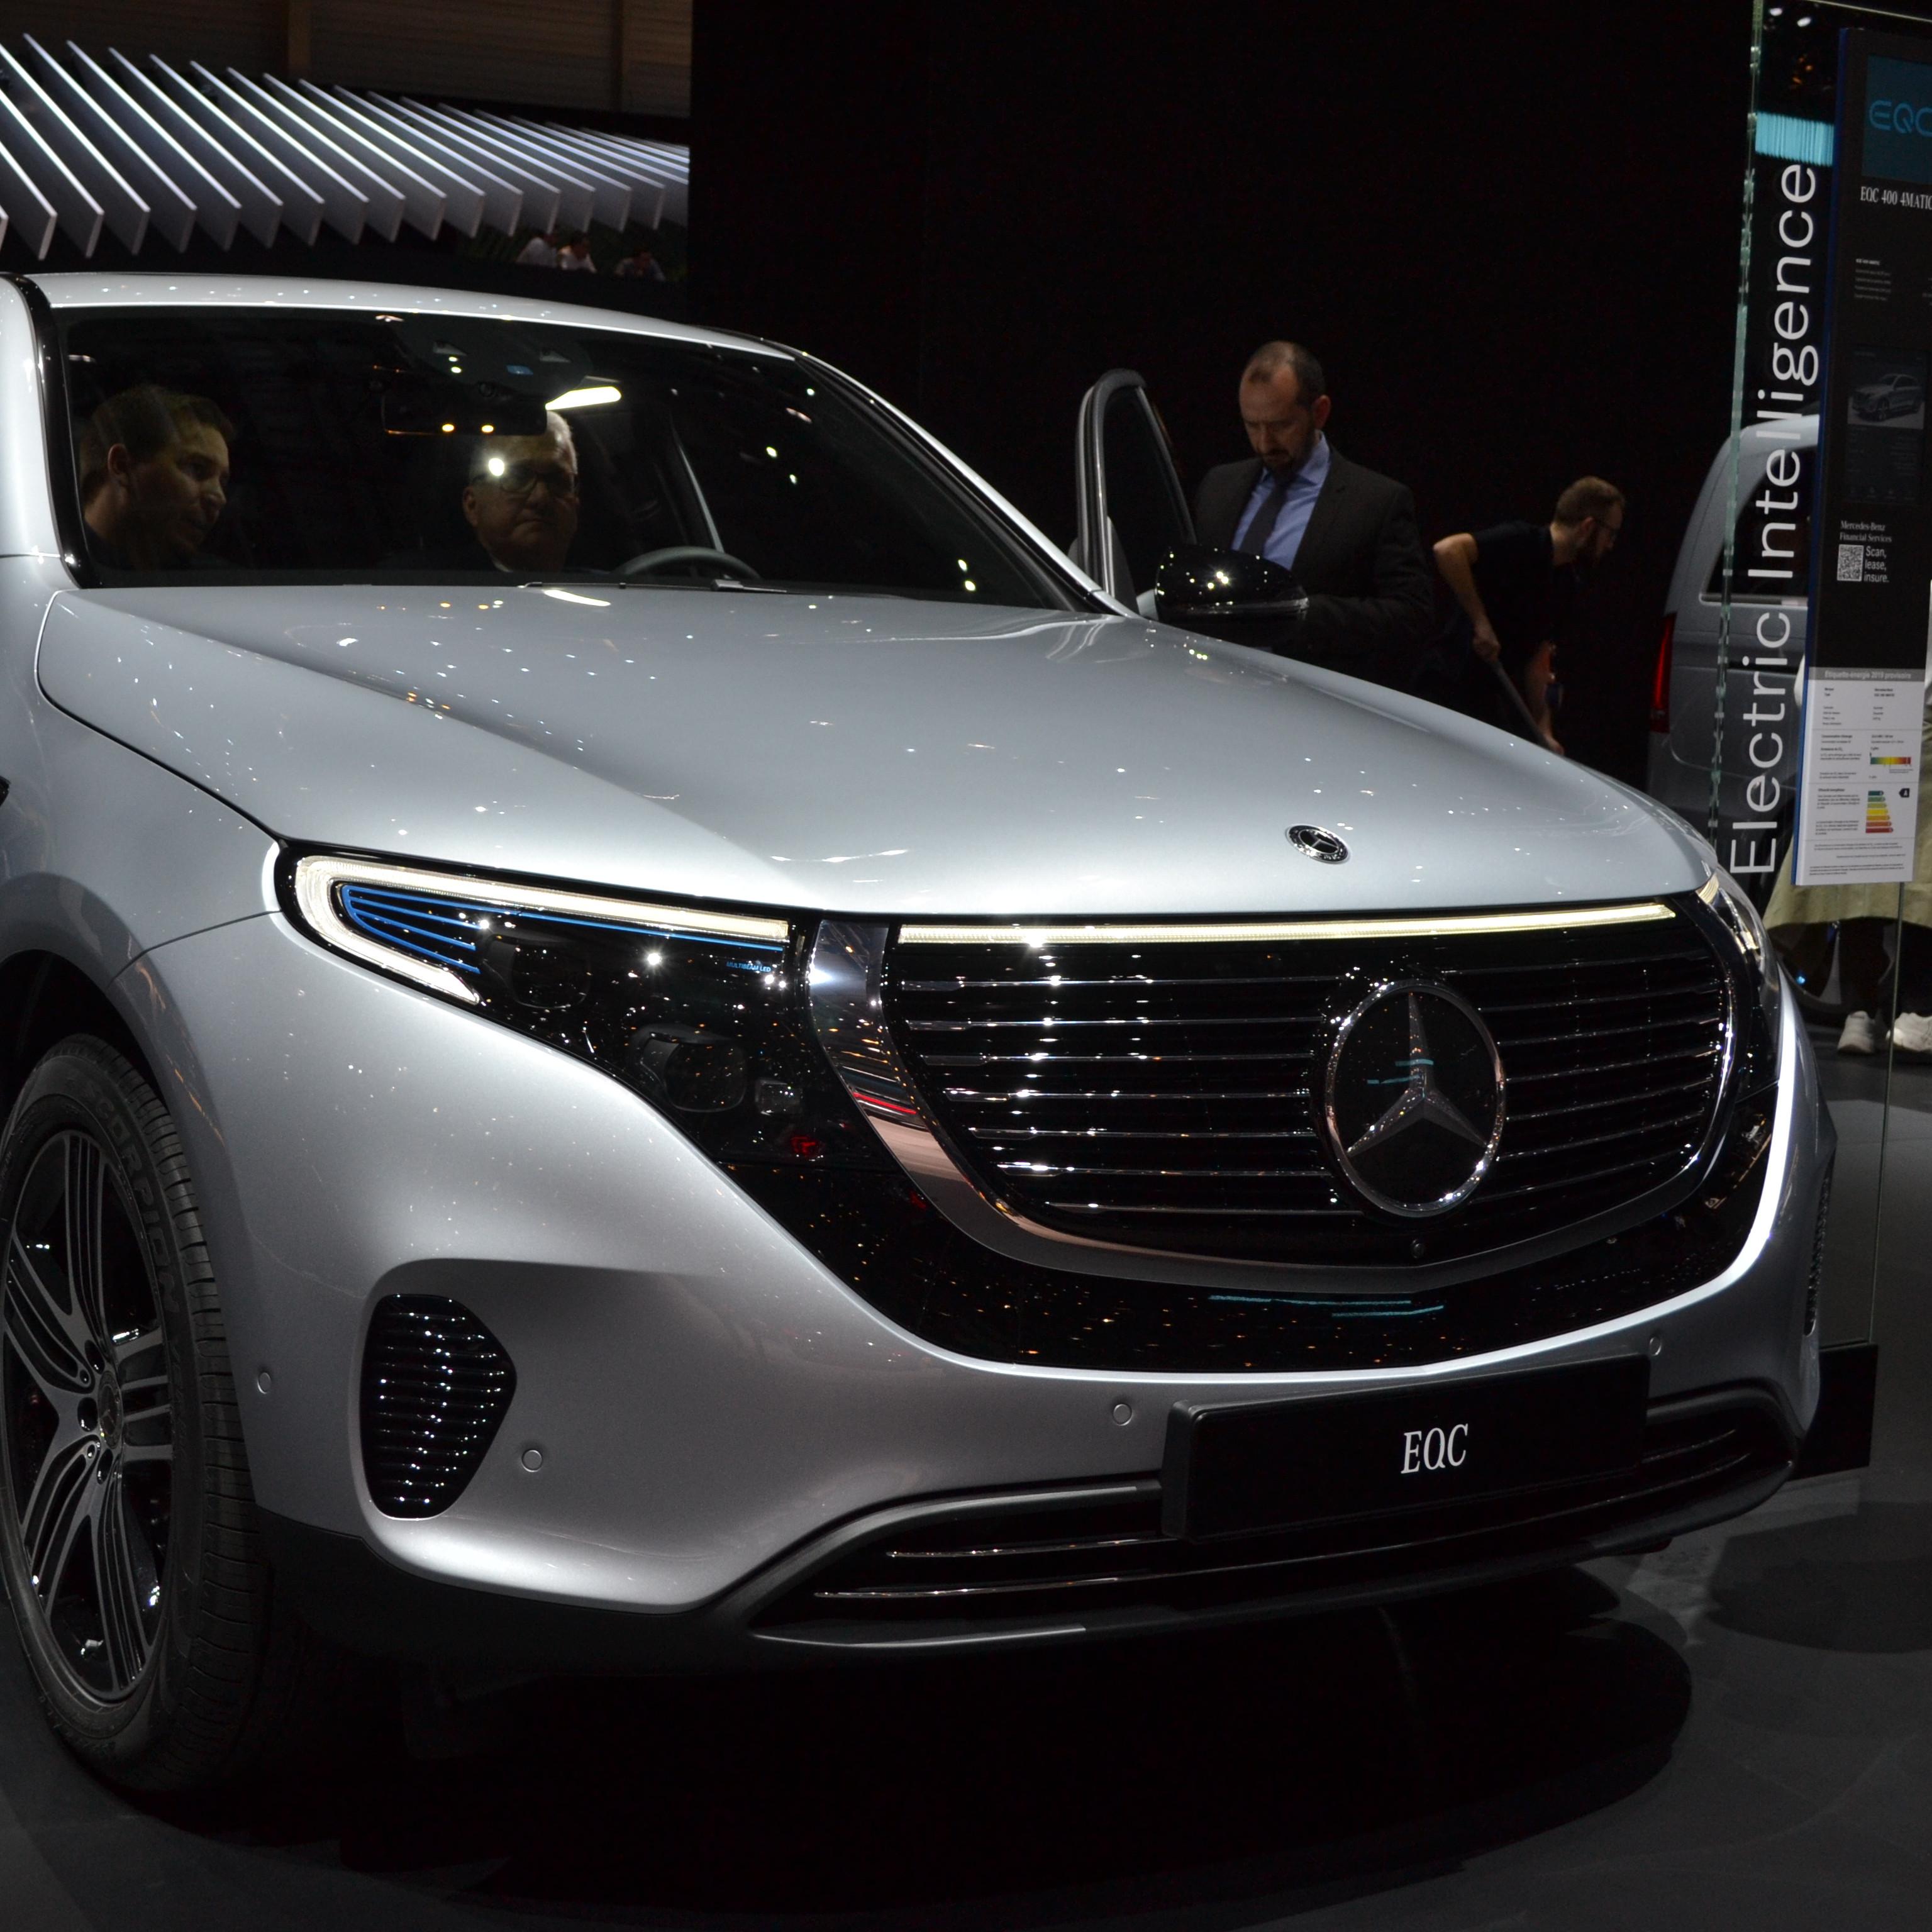 Mercedes calcule l'impact environnemental de son EQC en considérant la provenance de l'électricité